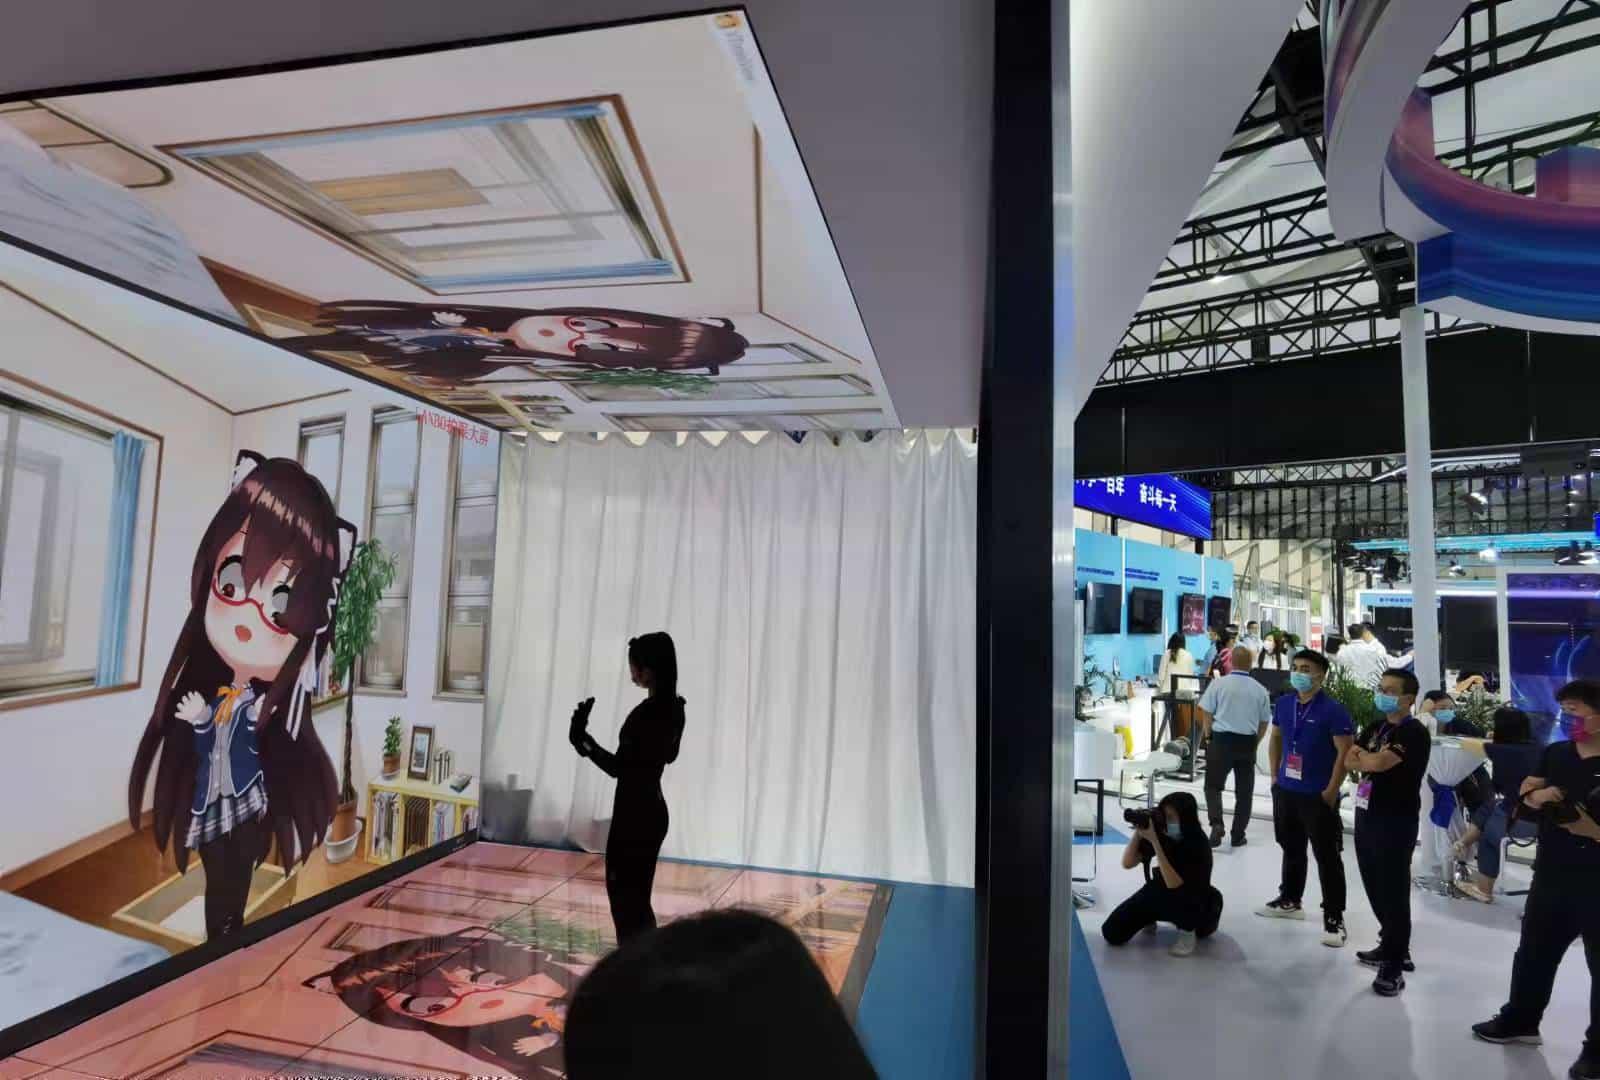 2021科博会现场 虚拟主播元宇宙备受瞩目